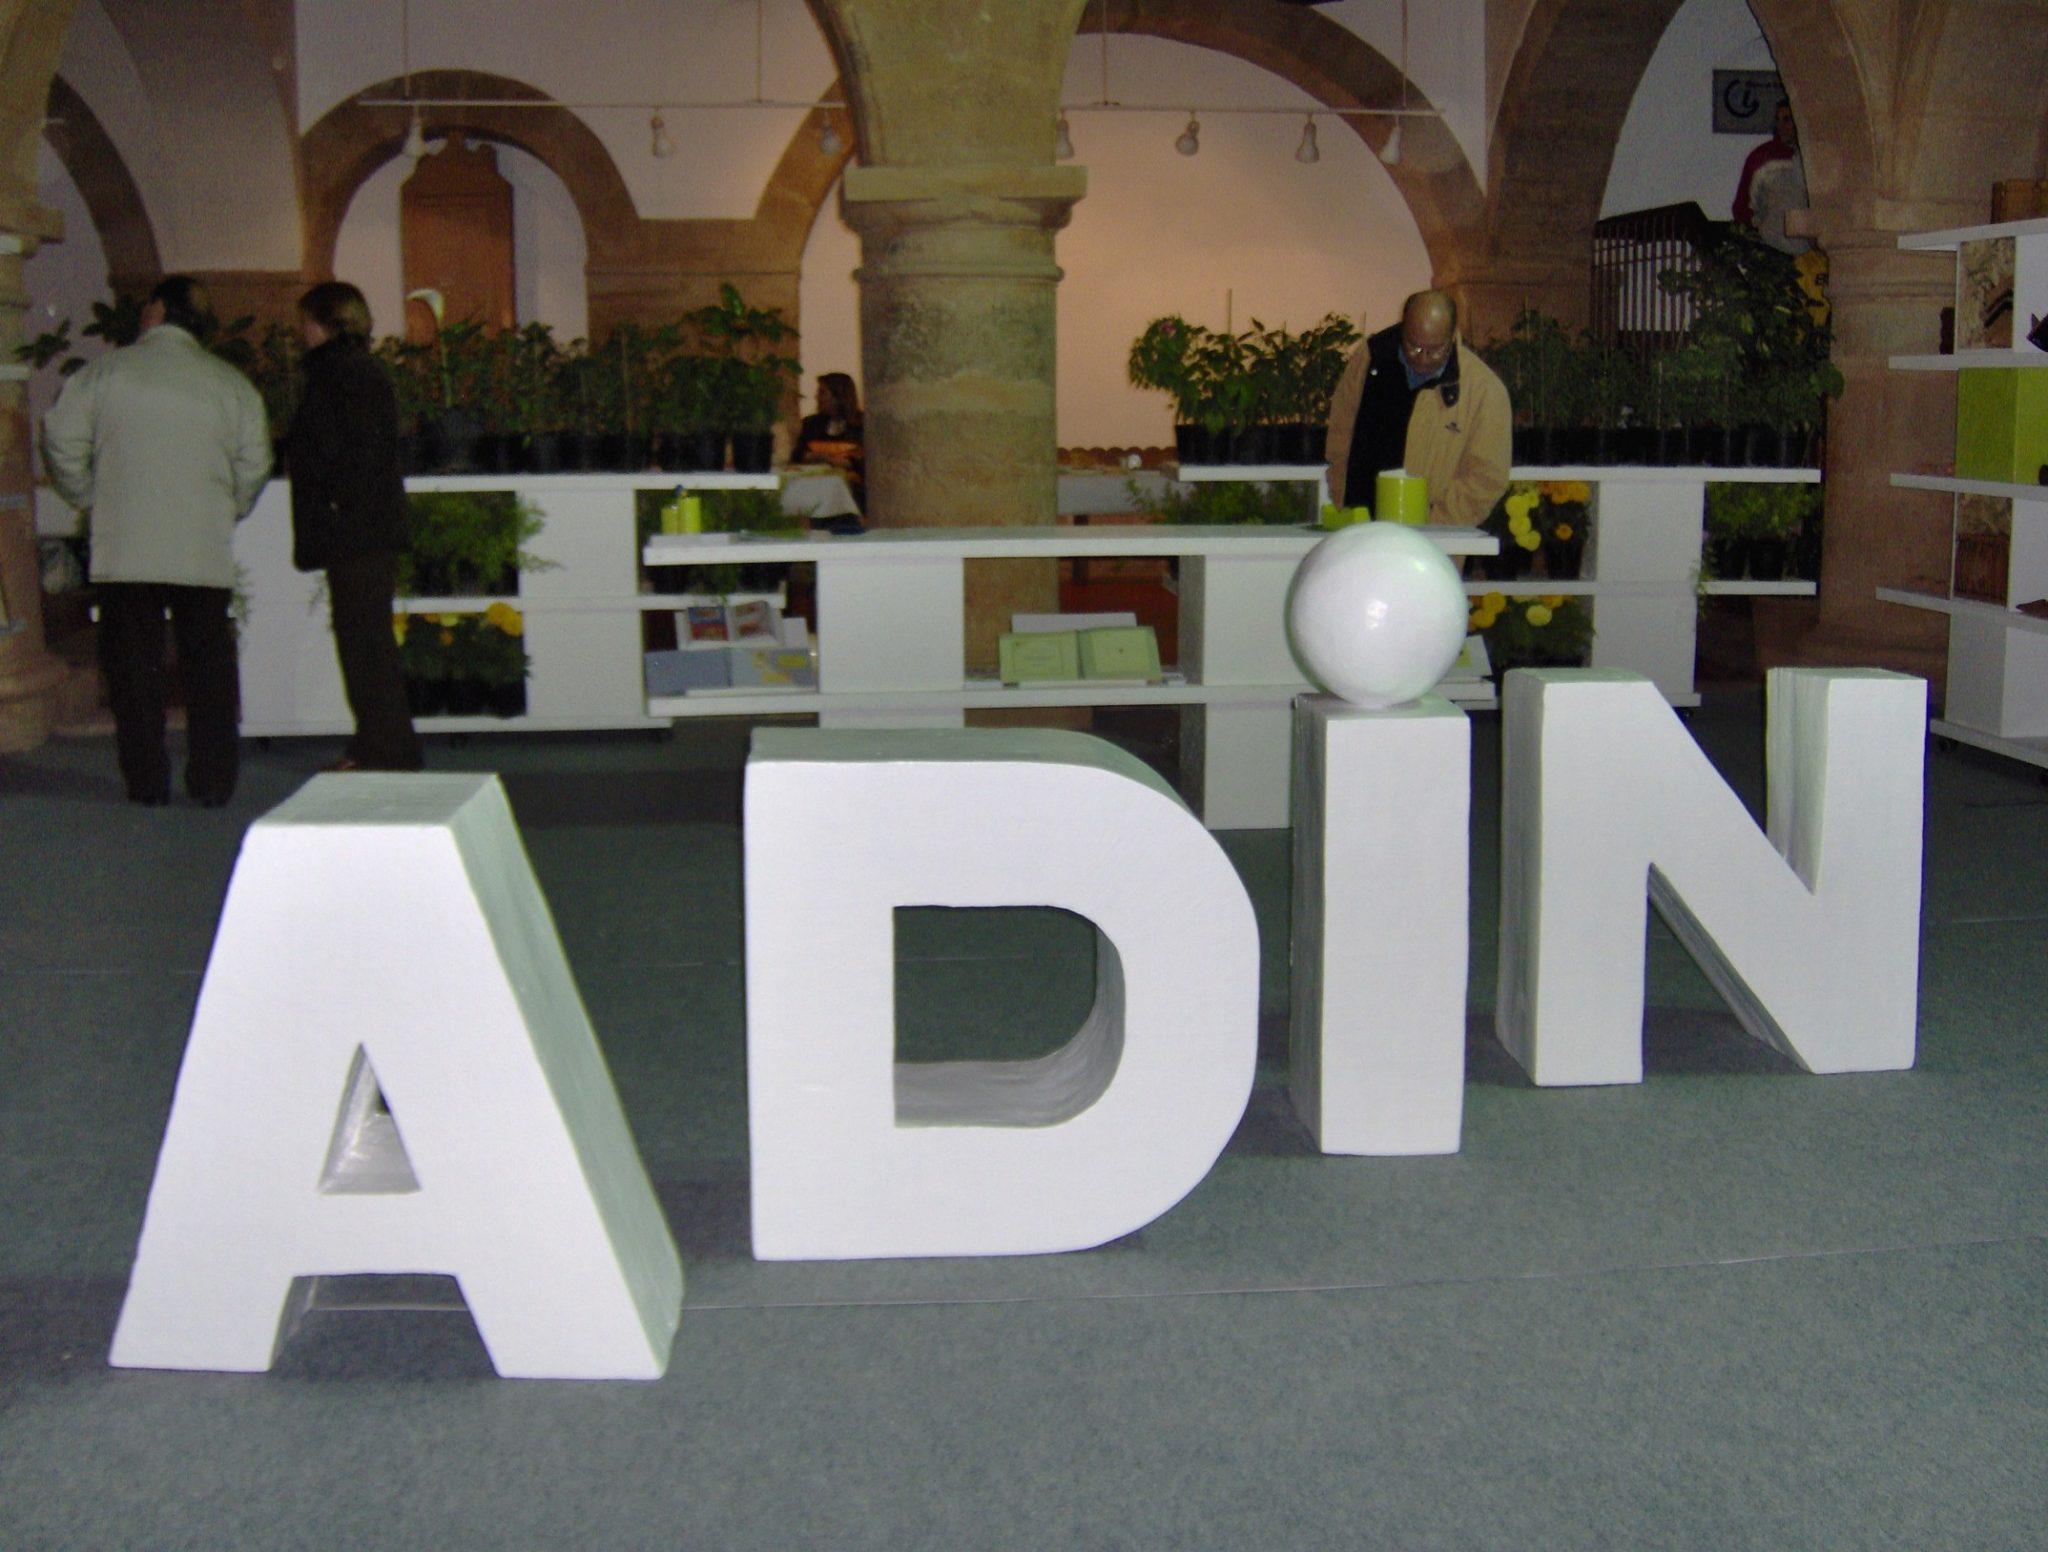 El jueves abre sus puertas la exposición de ADIN en Infantes